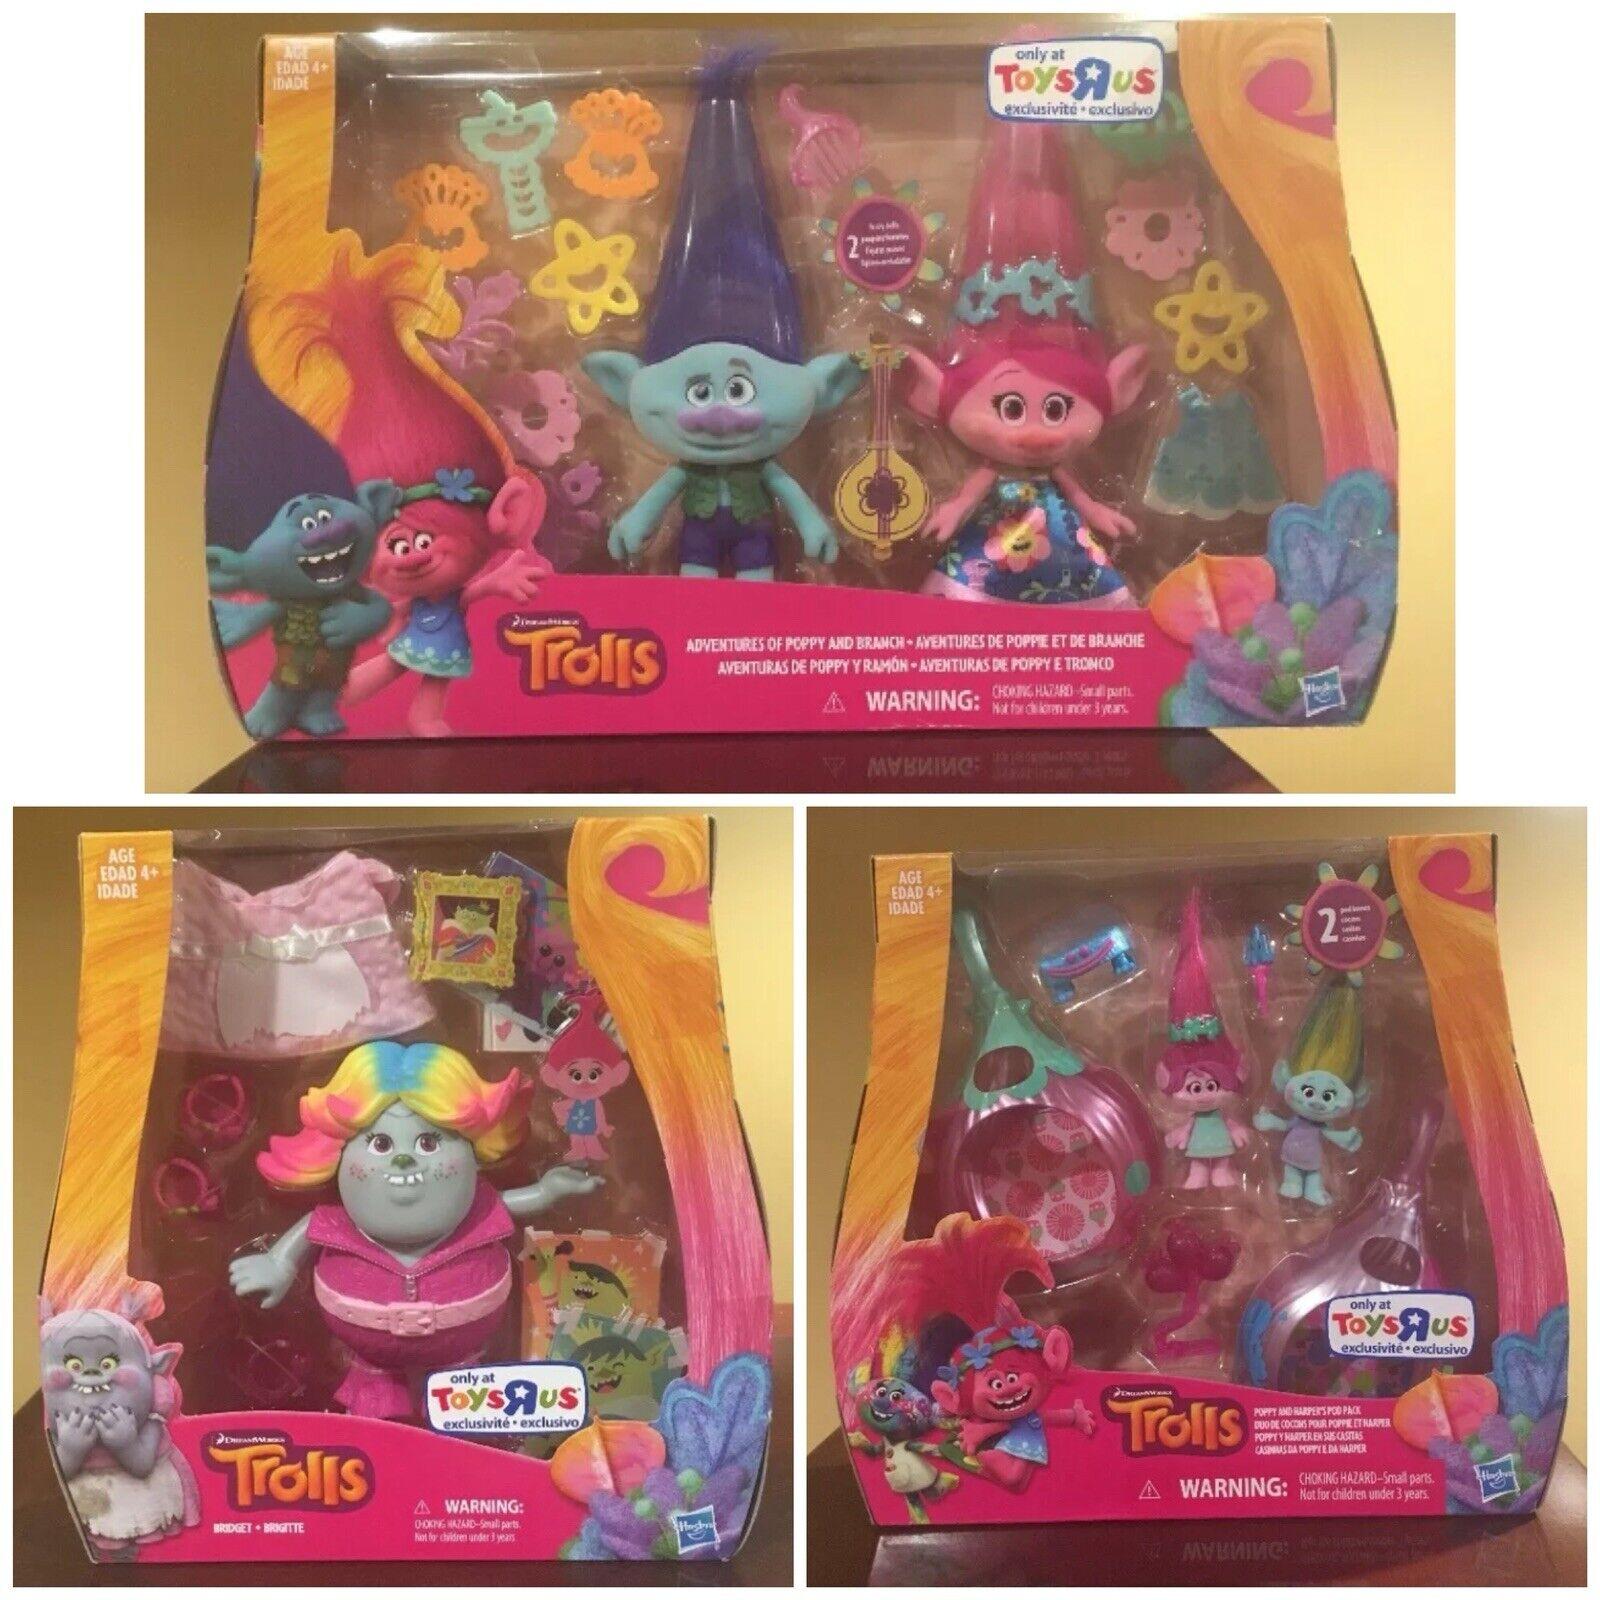 La Joya de la juguetería de los trolls, Bridget, Bridget, Bridget, la amapola, el juguete contra la lucha. 04b